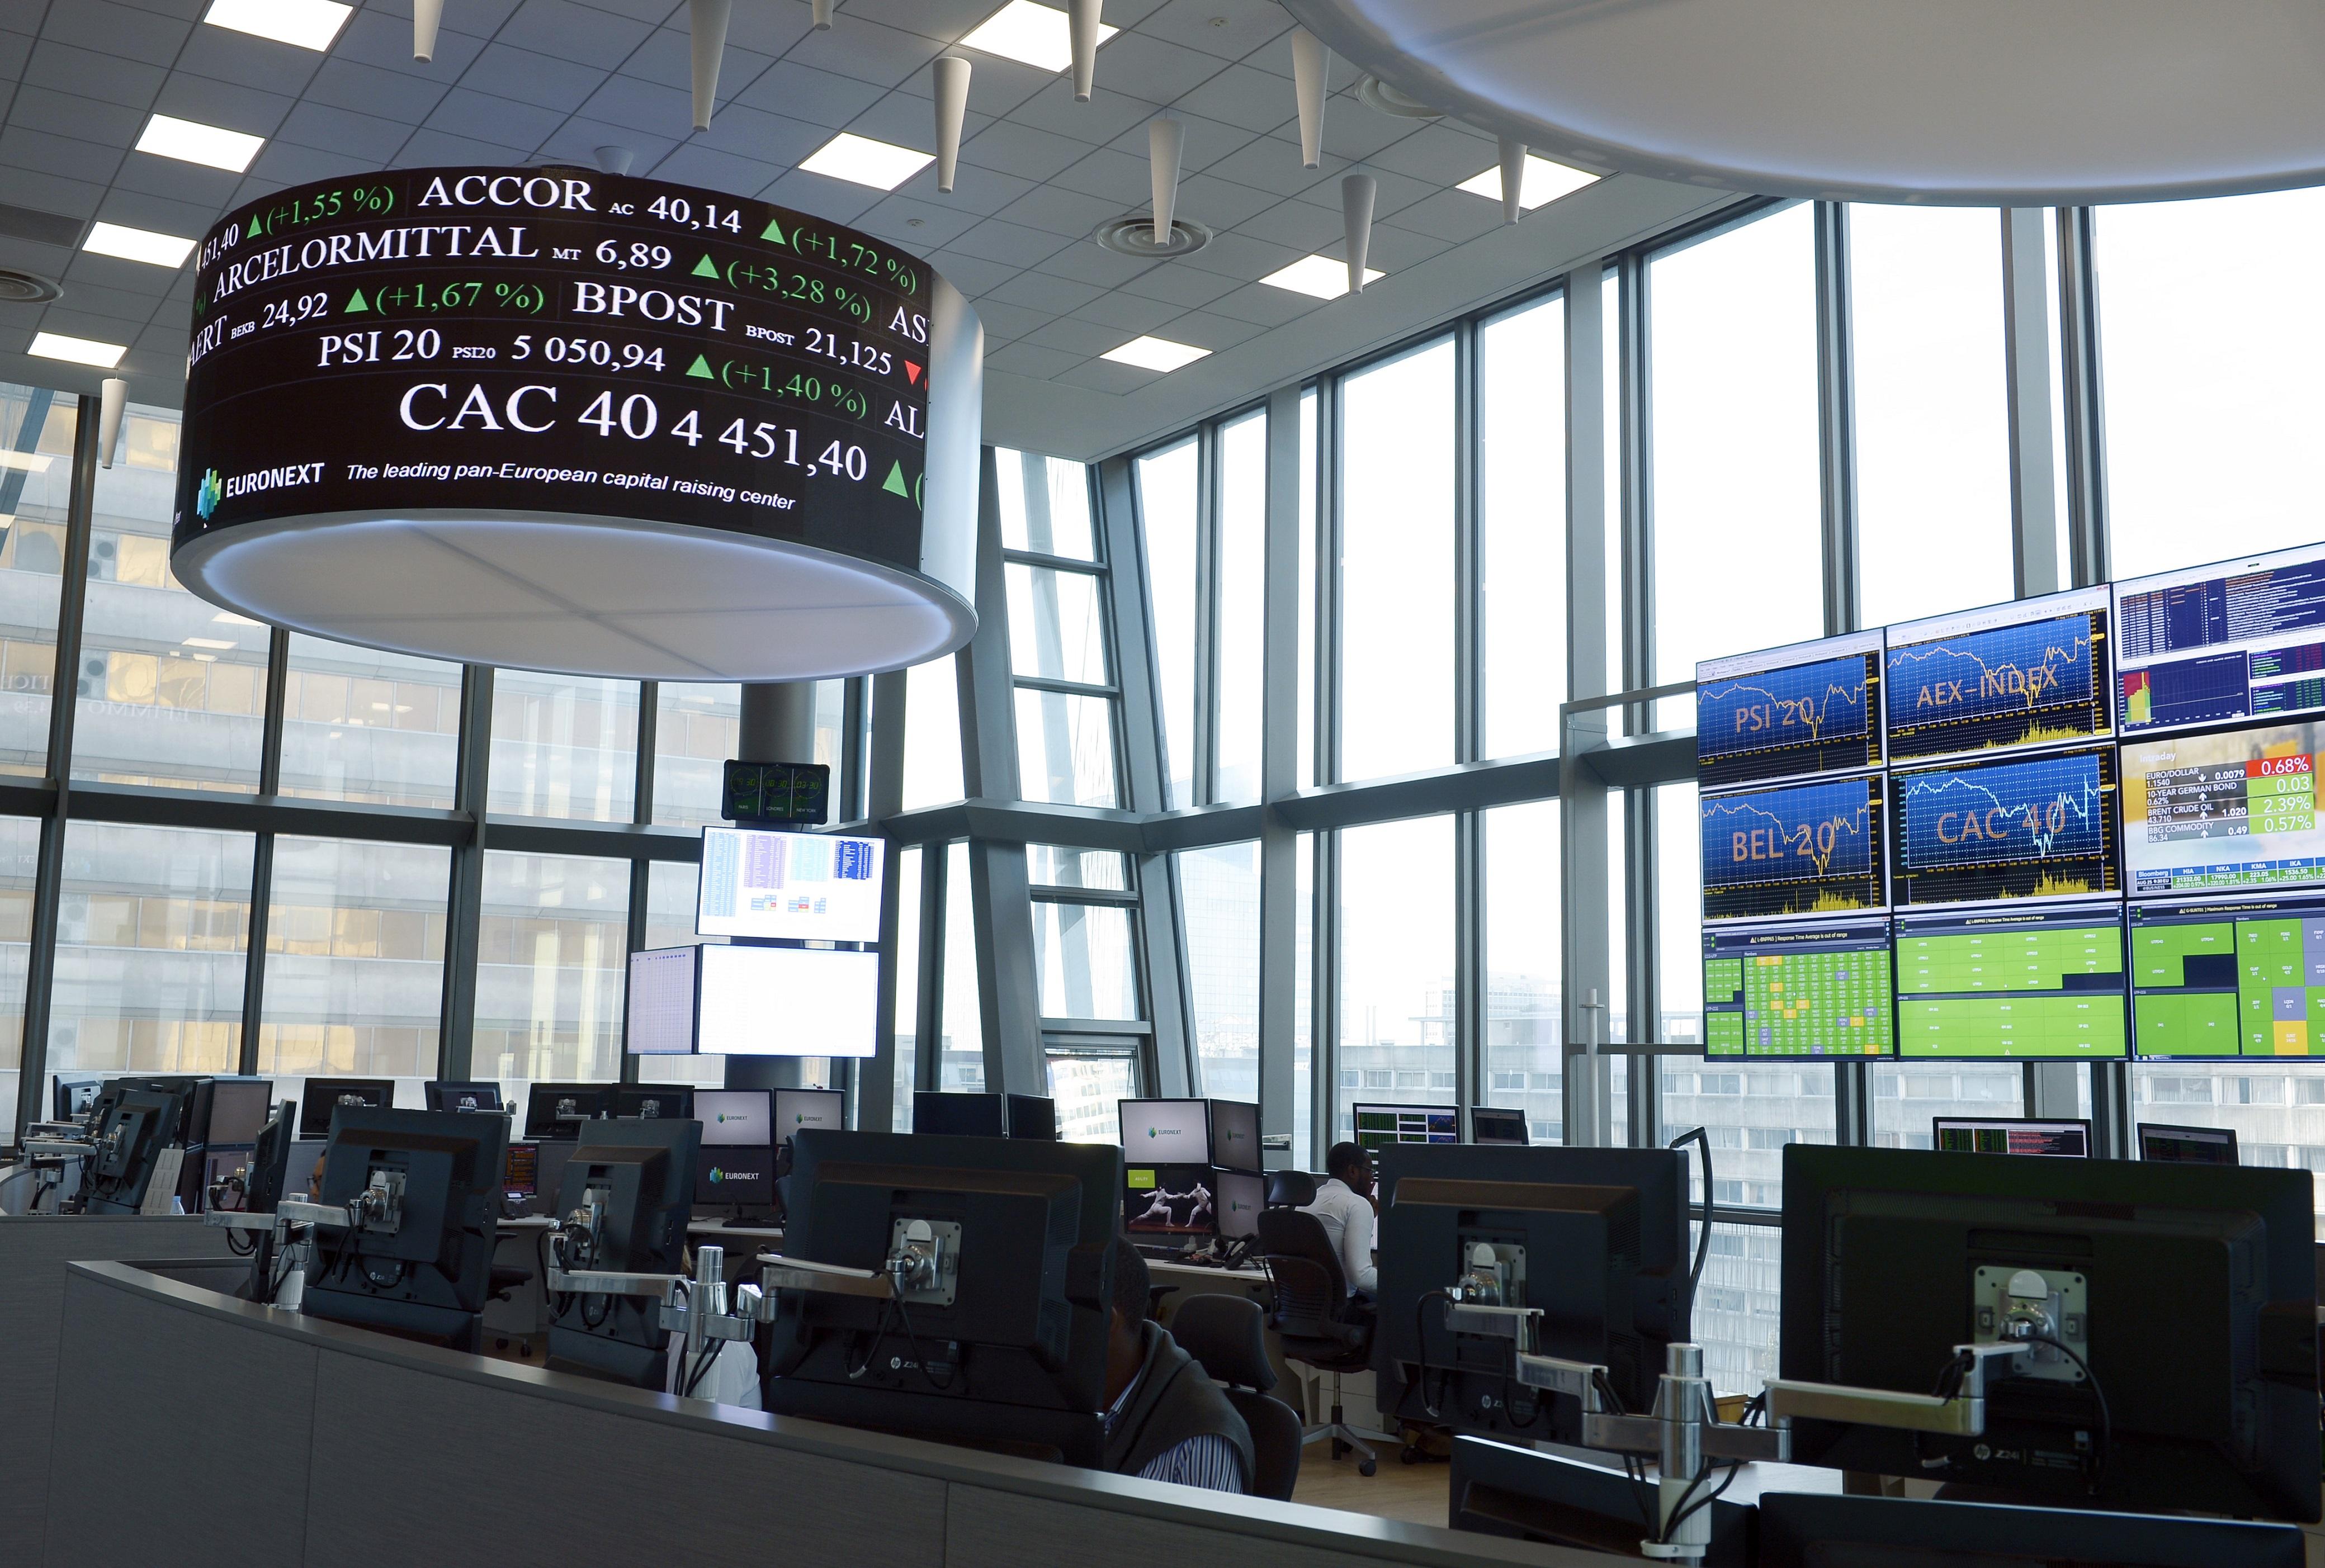 CAC 40 : L'indice parisien a ouvert la séance en baisse de -0.48%